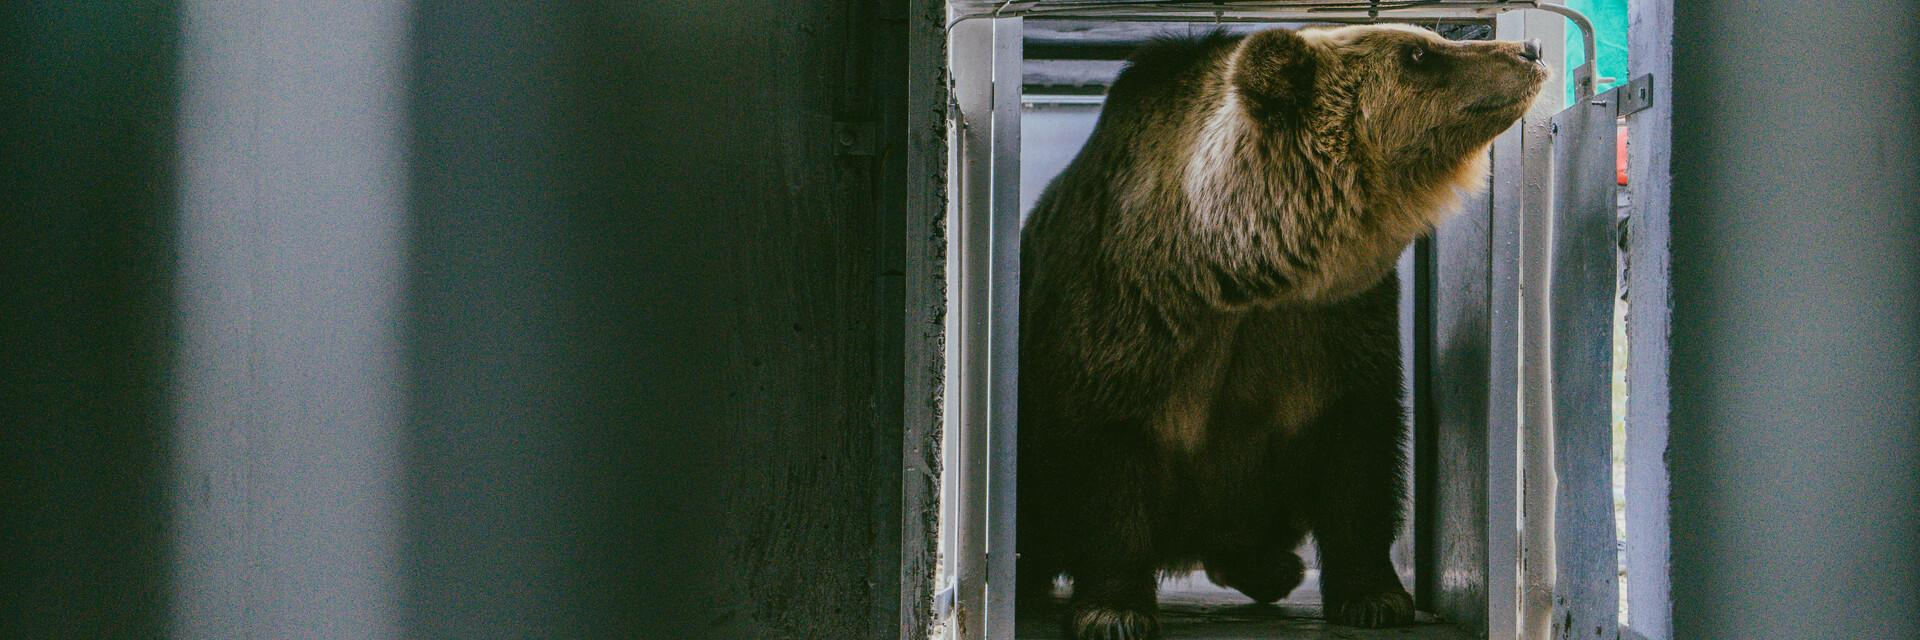 Endlich konnten wir die Bären Melanka und Leo retten